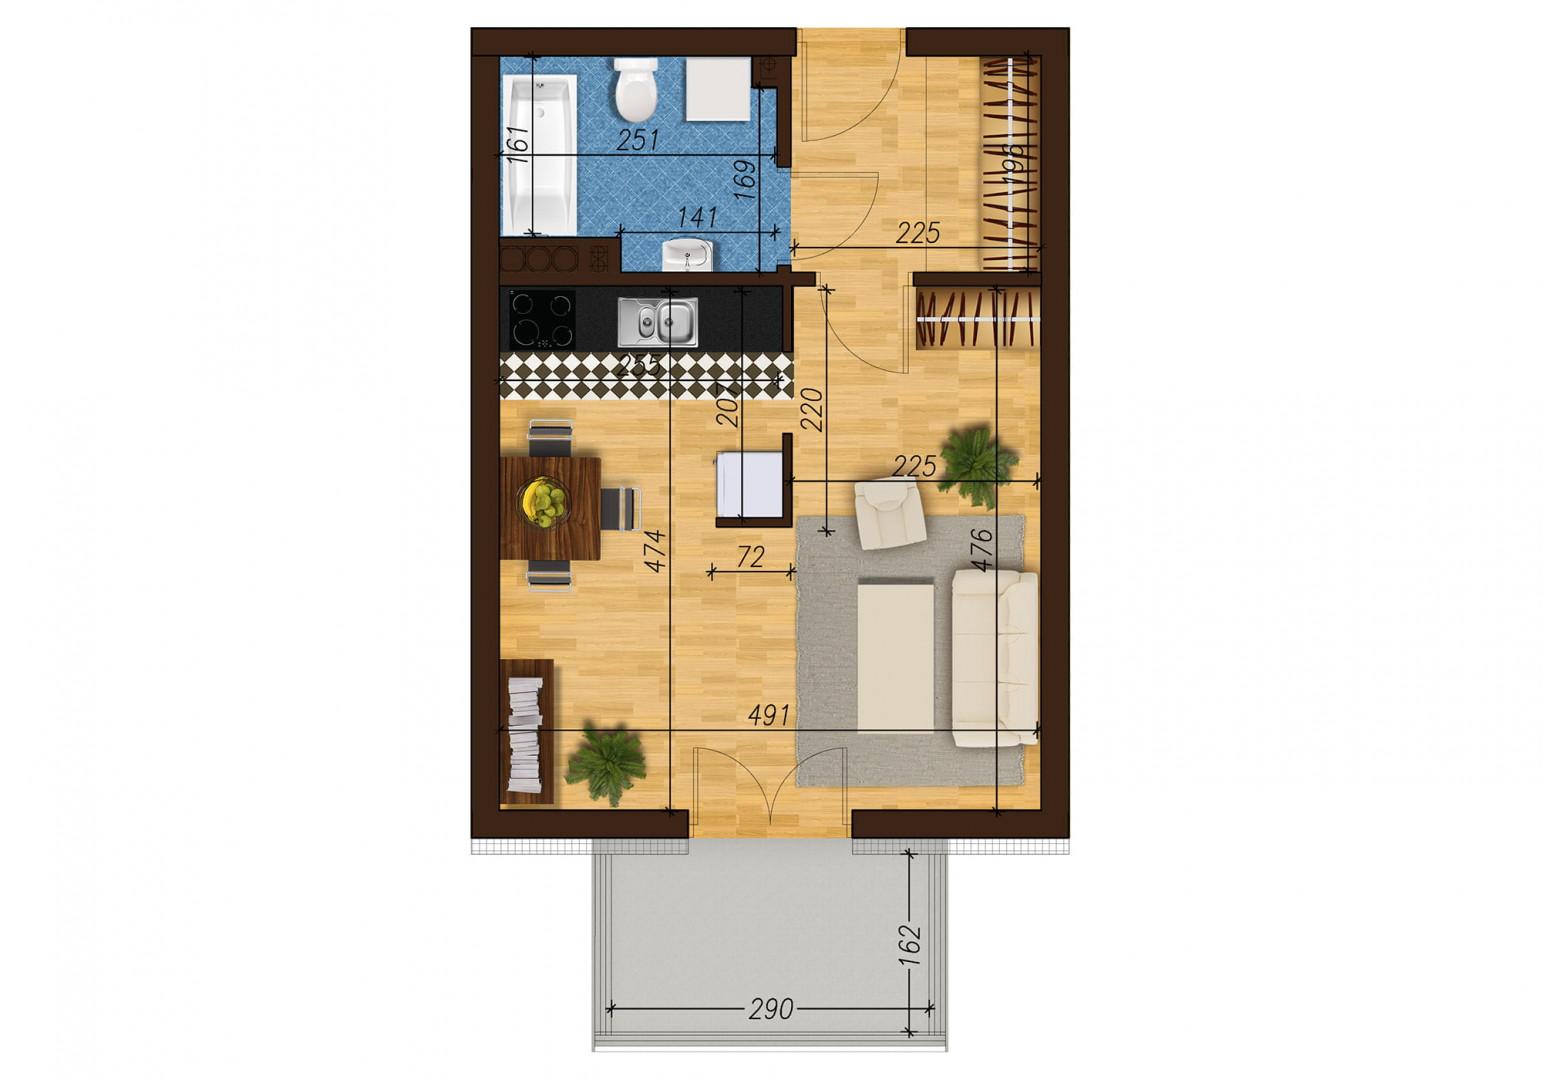 Mieszkanie jednopokojowe 33E/45 rzut 1